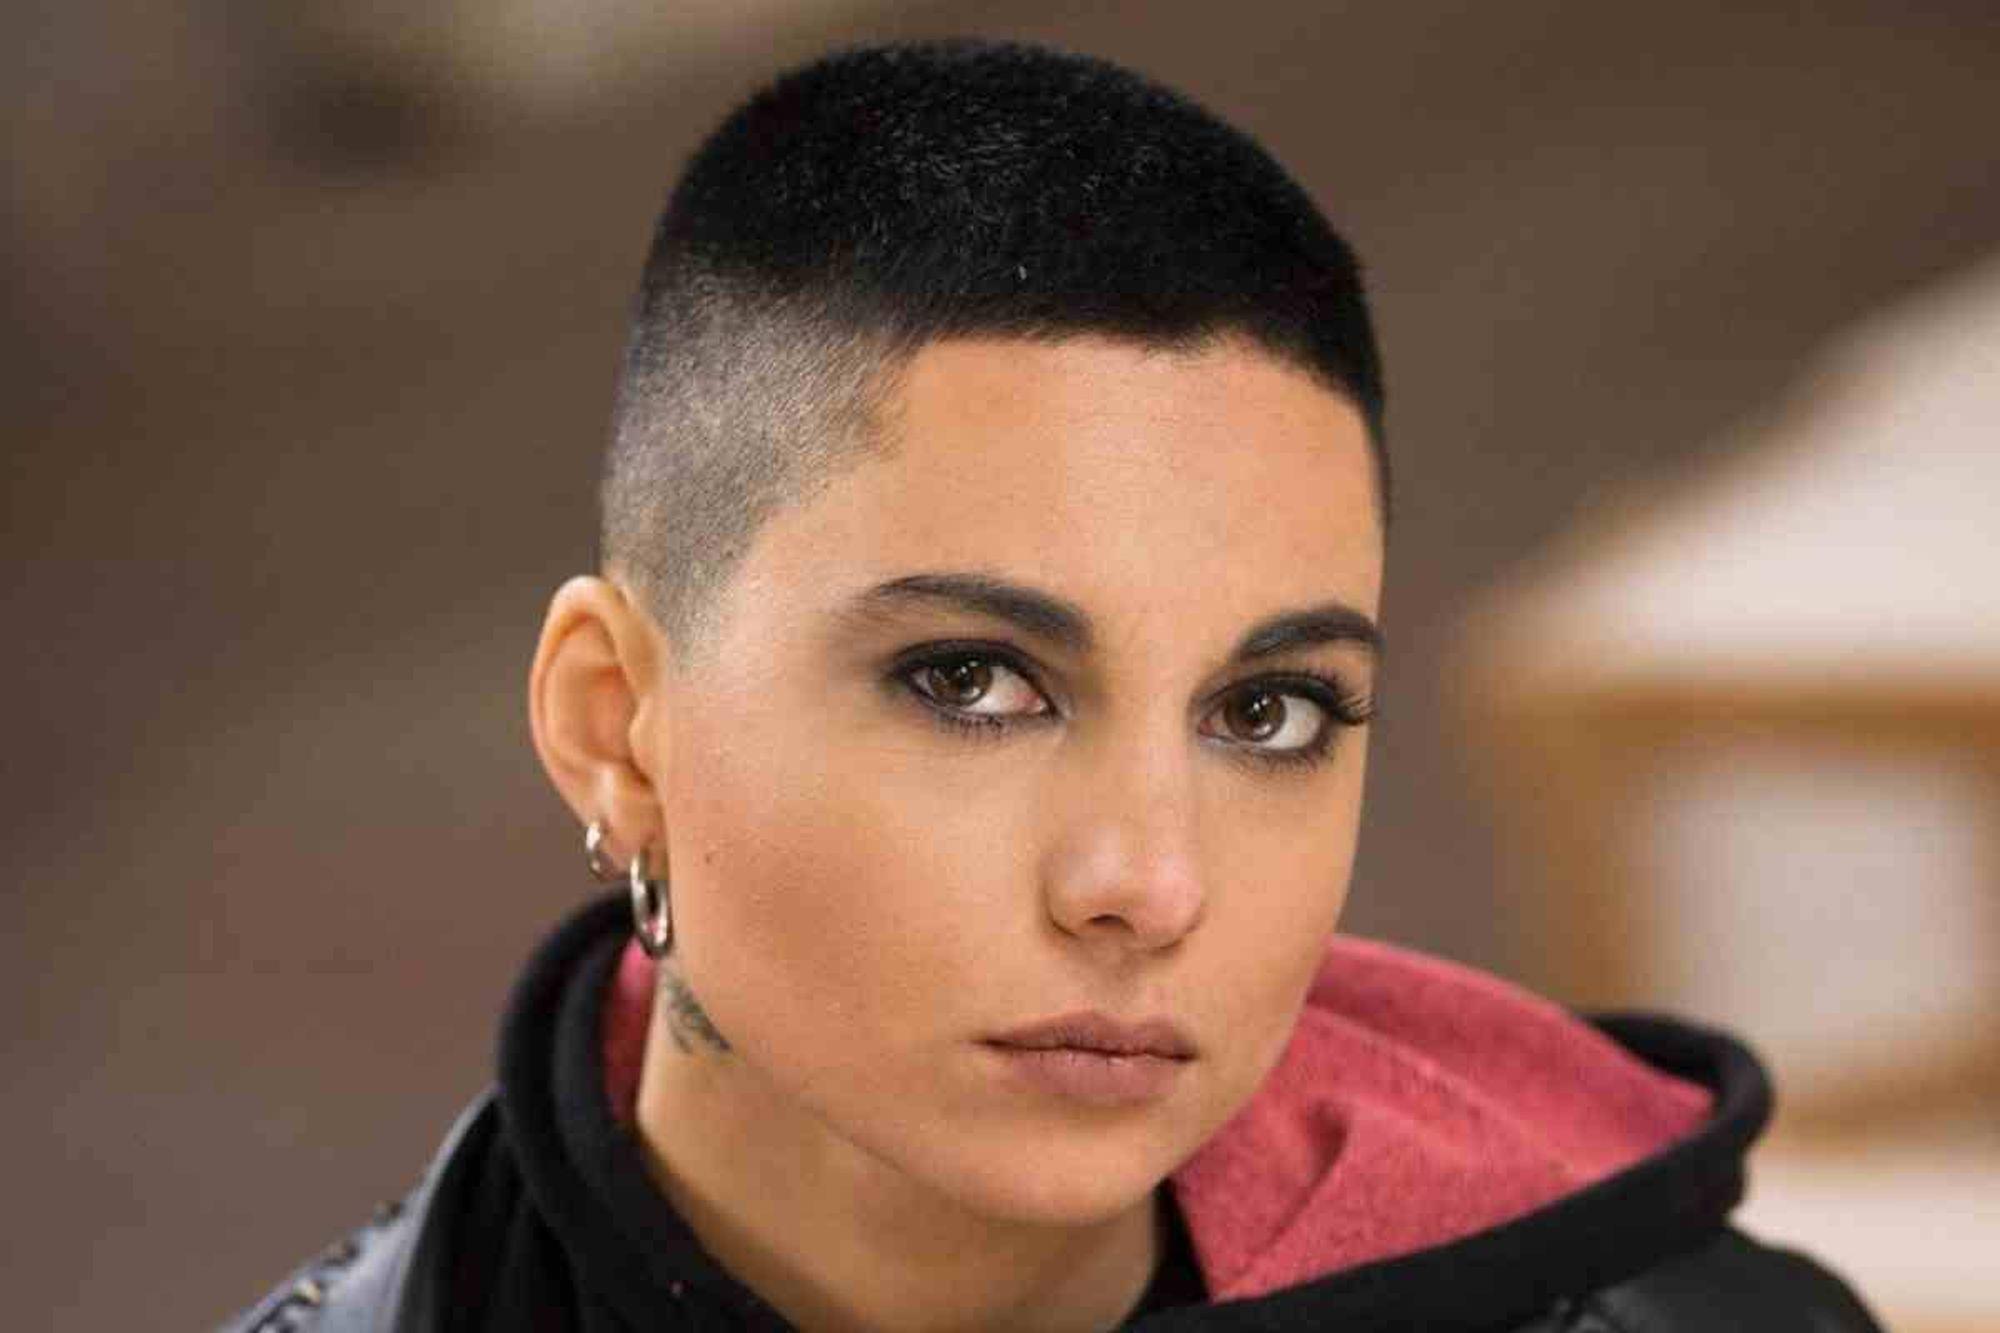 """Giordana Angi a Sanremo 2020 con """"Come mia madre"""": testo, audio, significato"""